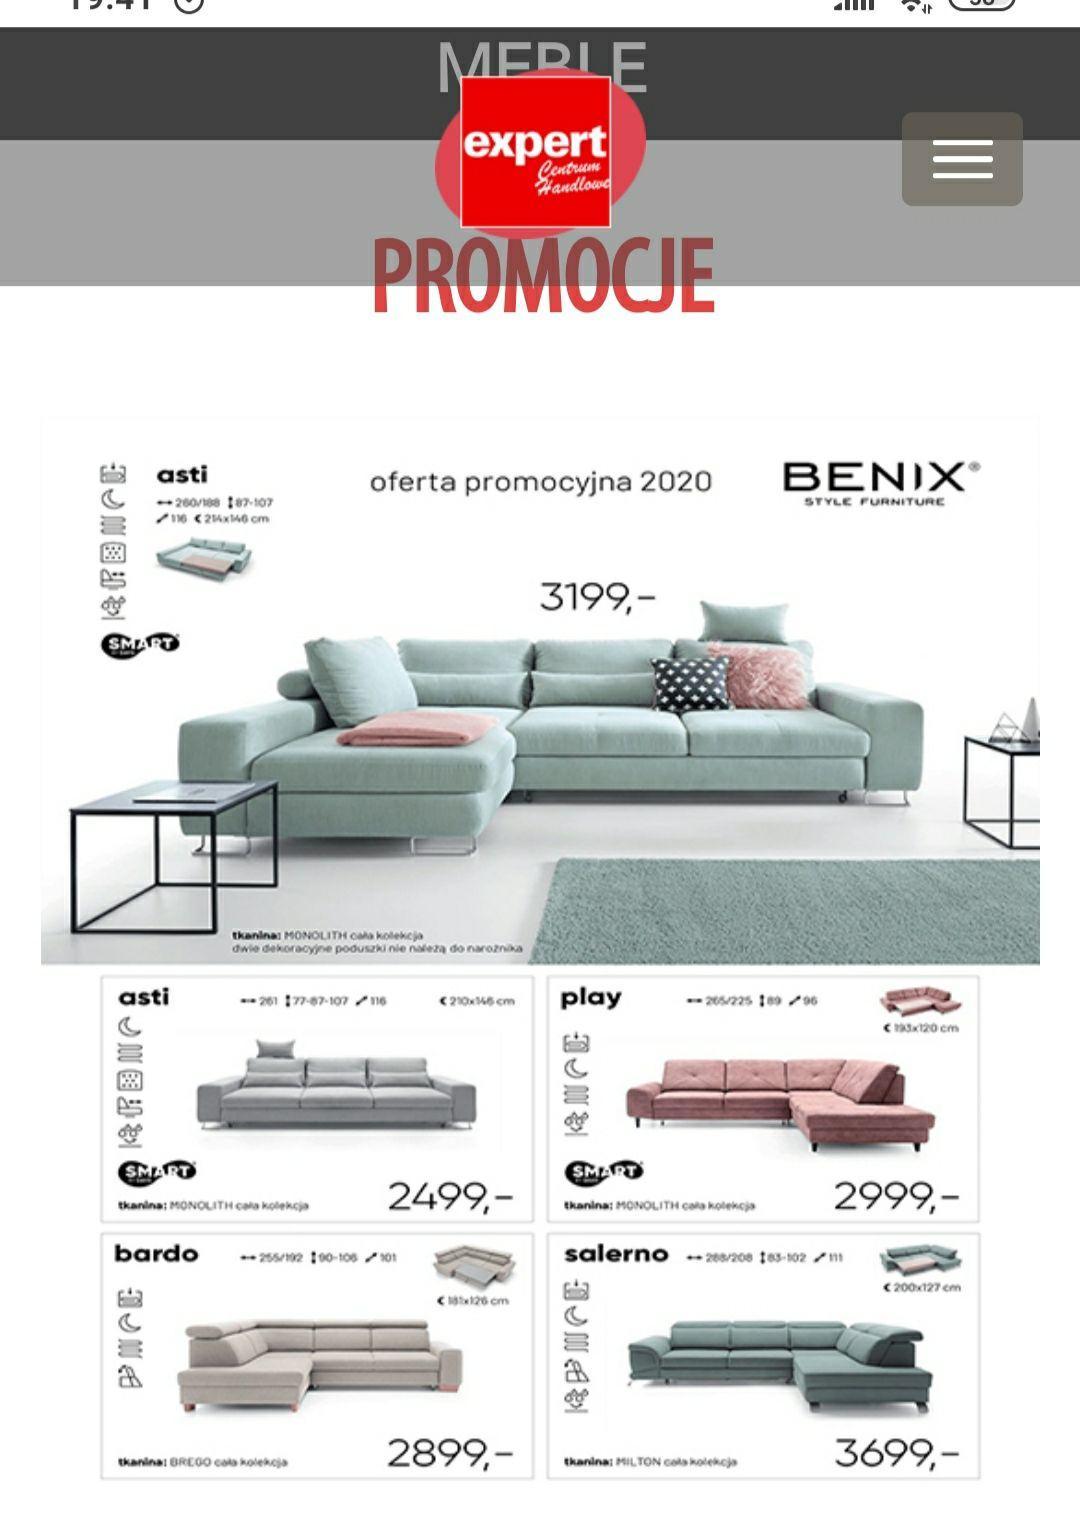 Promocja na narożniki benix w wybranych tkaninach